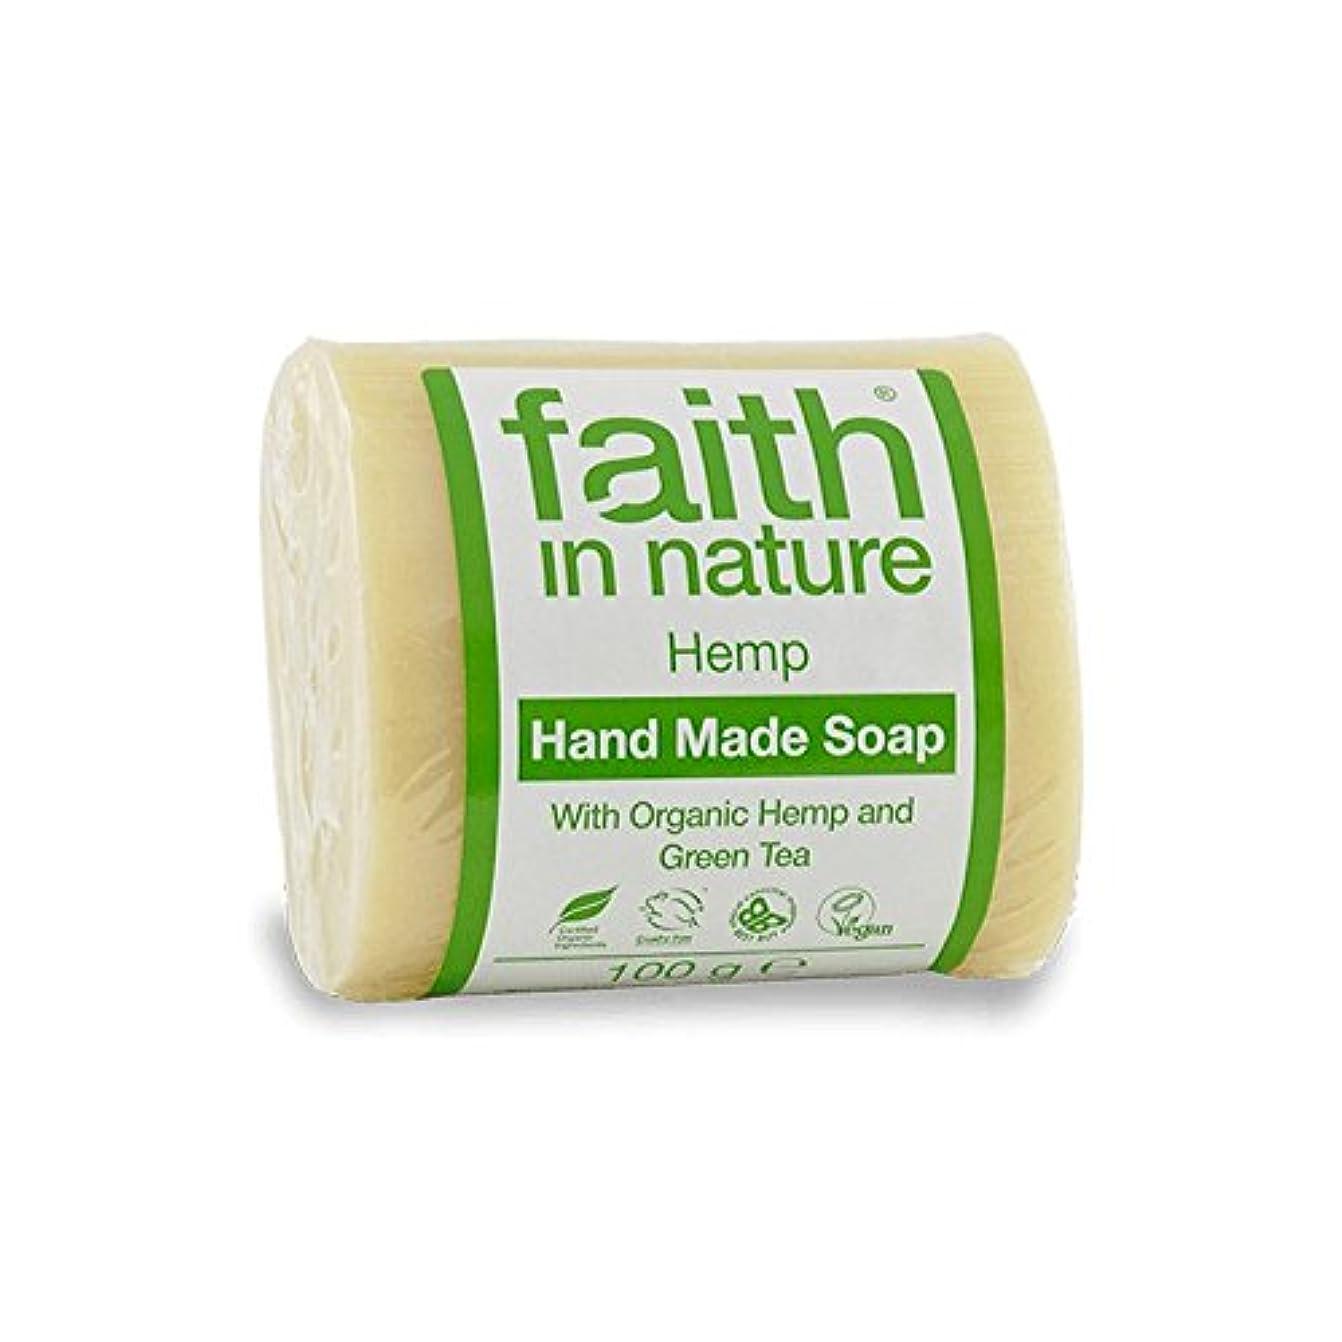 確保するサイレントバンケットFaith in Nature Hemp with Green Tea Soap 100g (Pack of 6) - 緑茶石鹸100グラムと自然の麻の信仰 (x6) [並行輸入品]